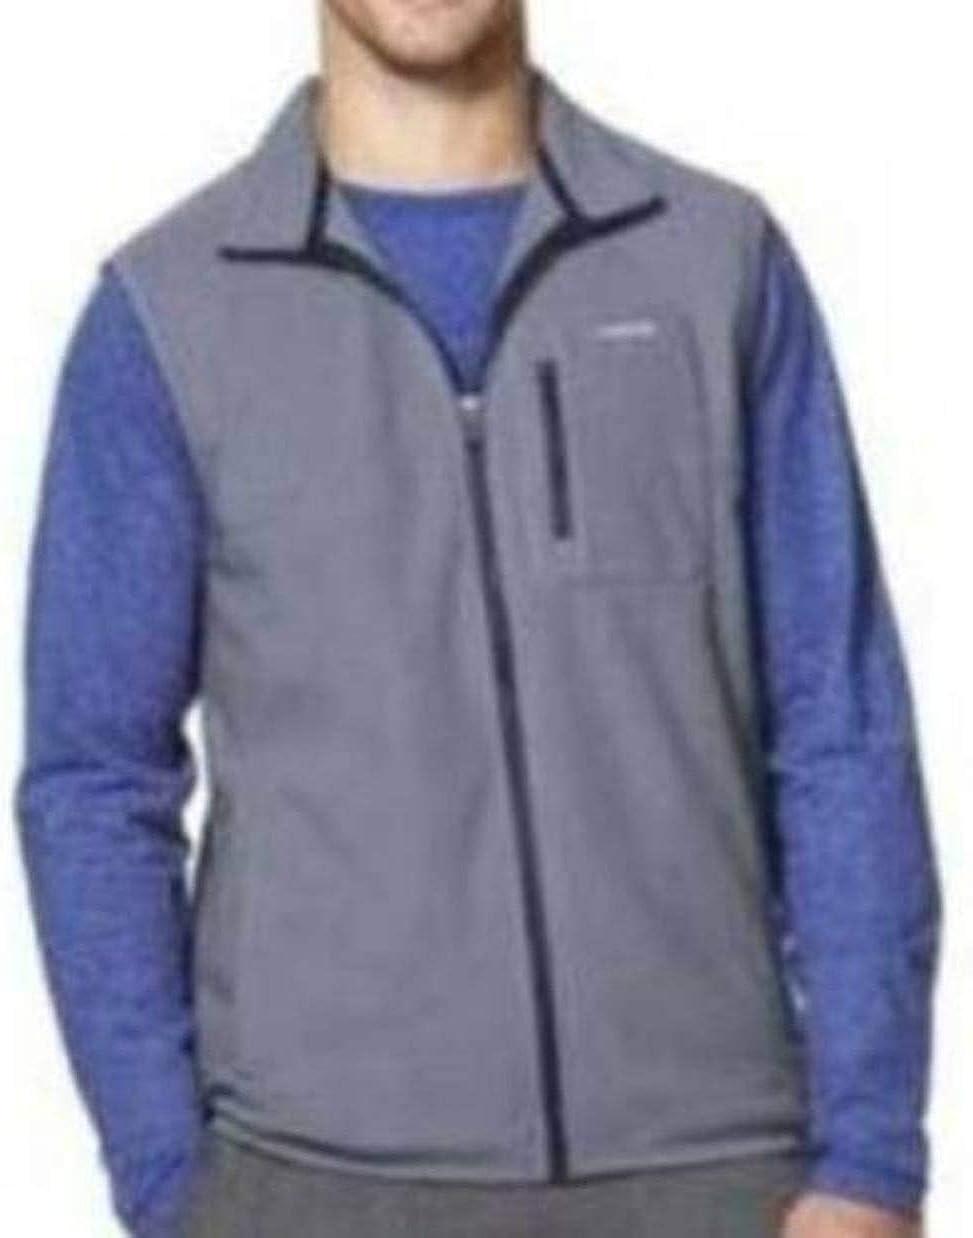 Chaps Mens Sport Blue Gray Full Zip 1 Pocket Sleeveless Fleece Vest